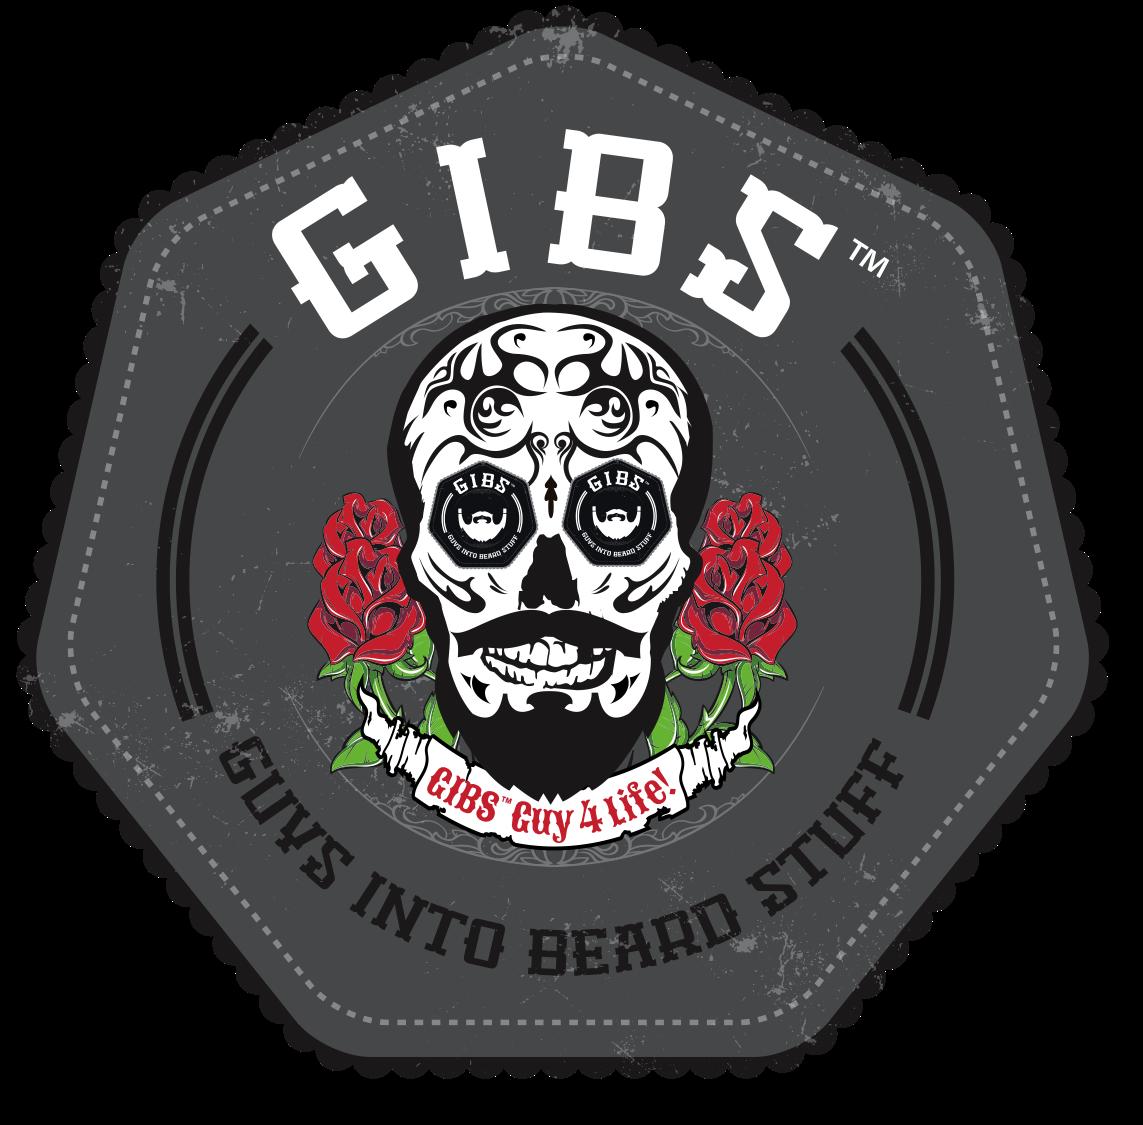 GIBS Grooming Skull logo